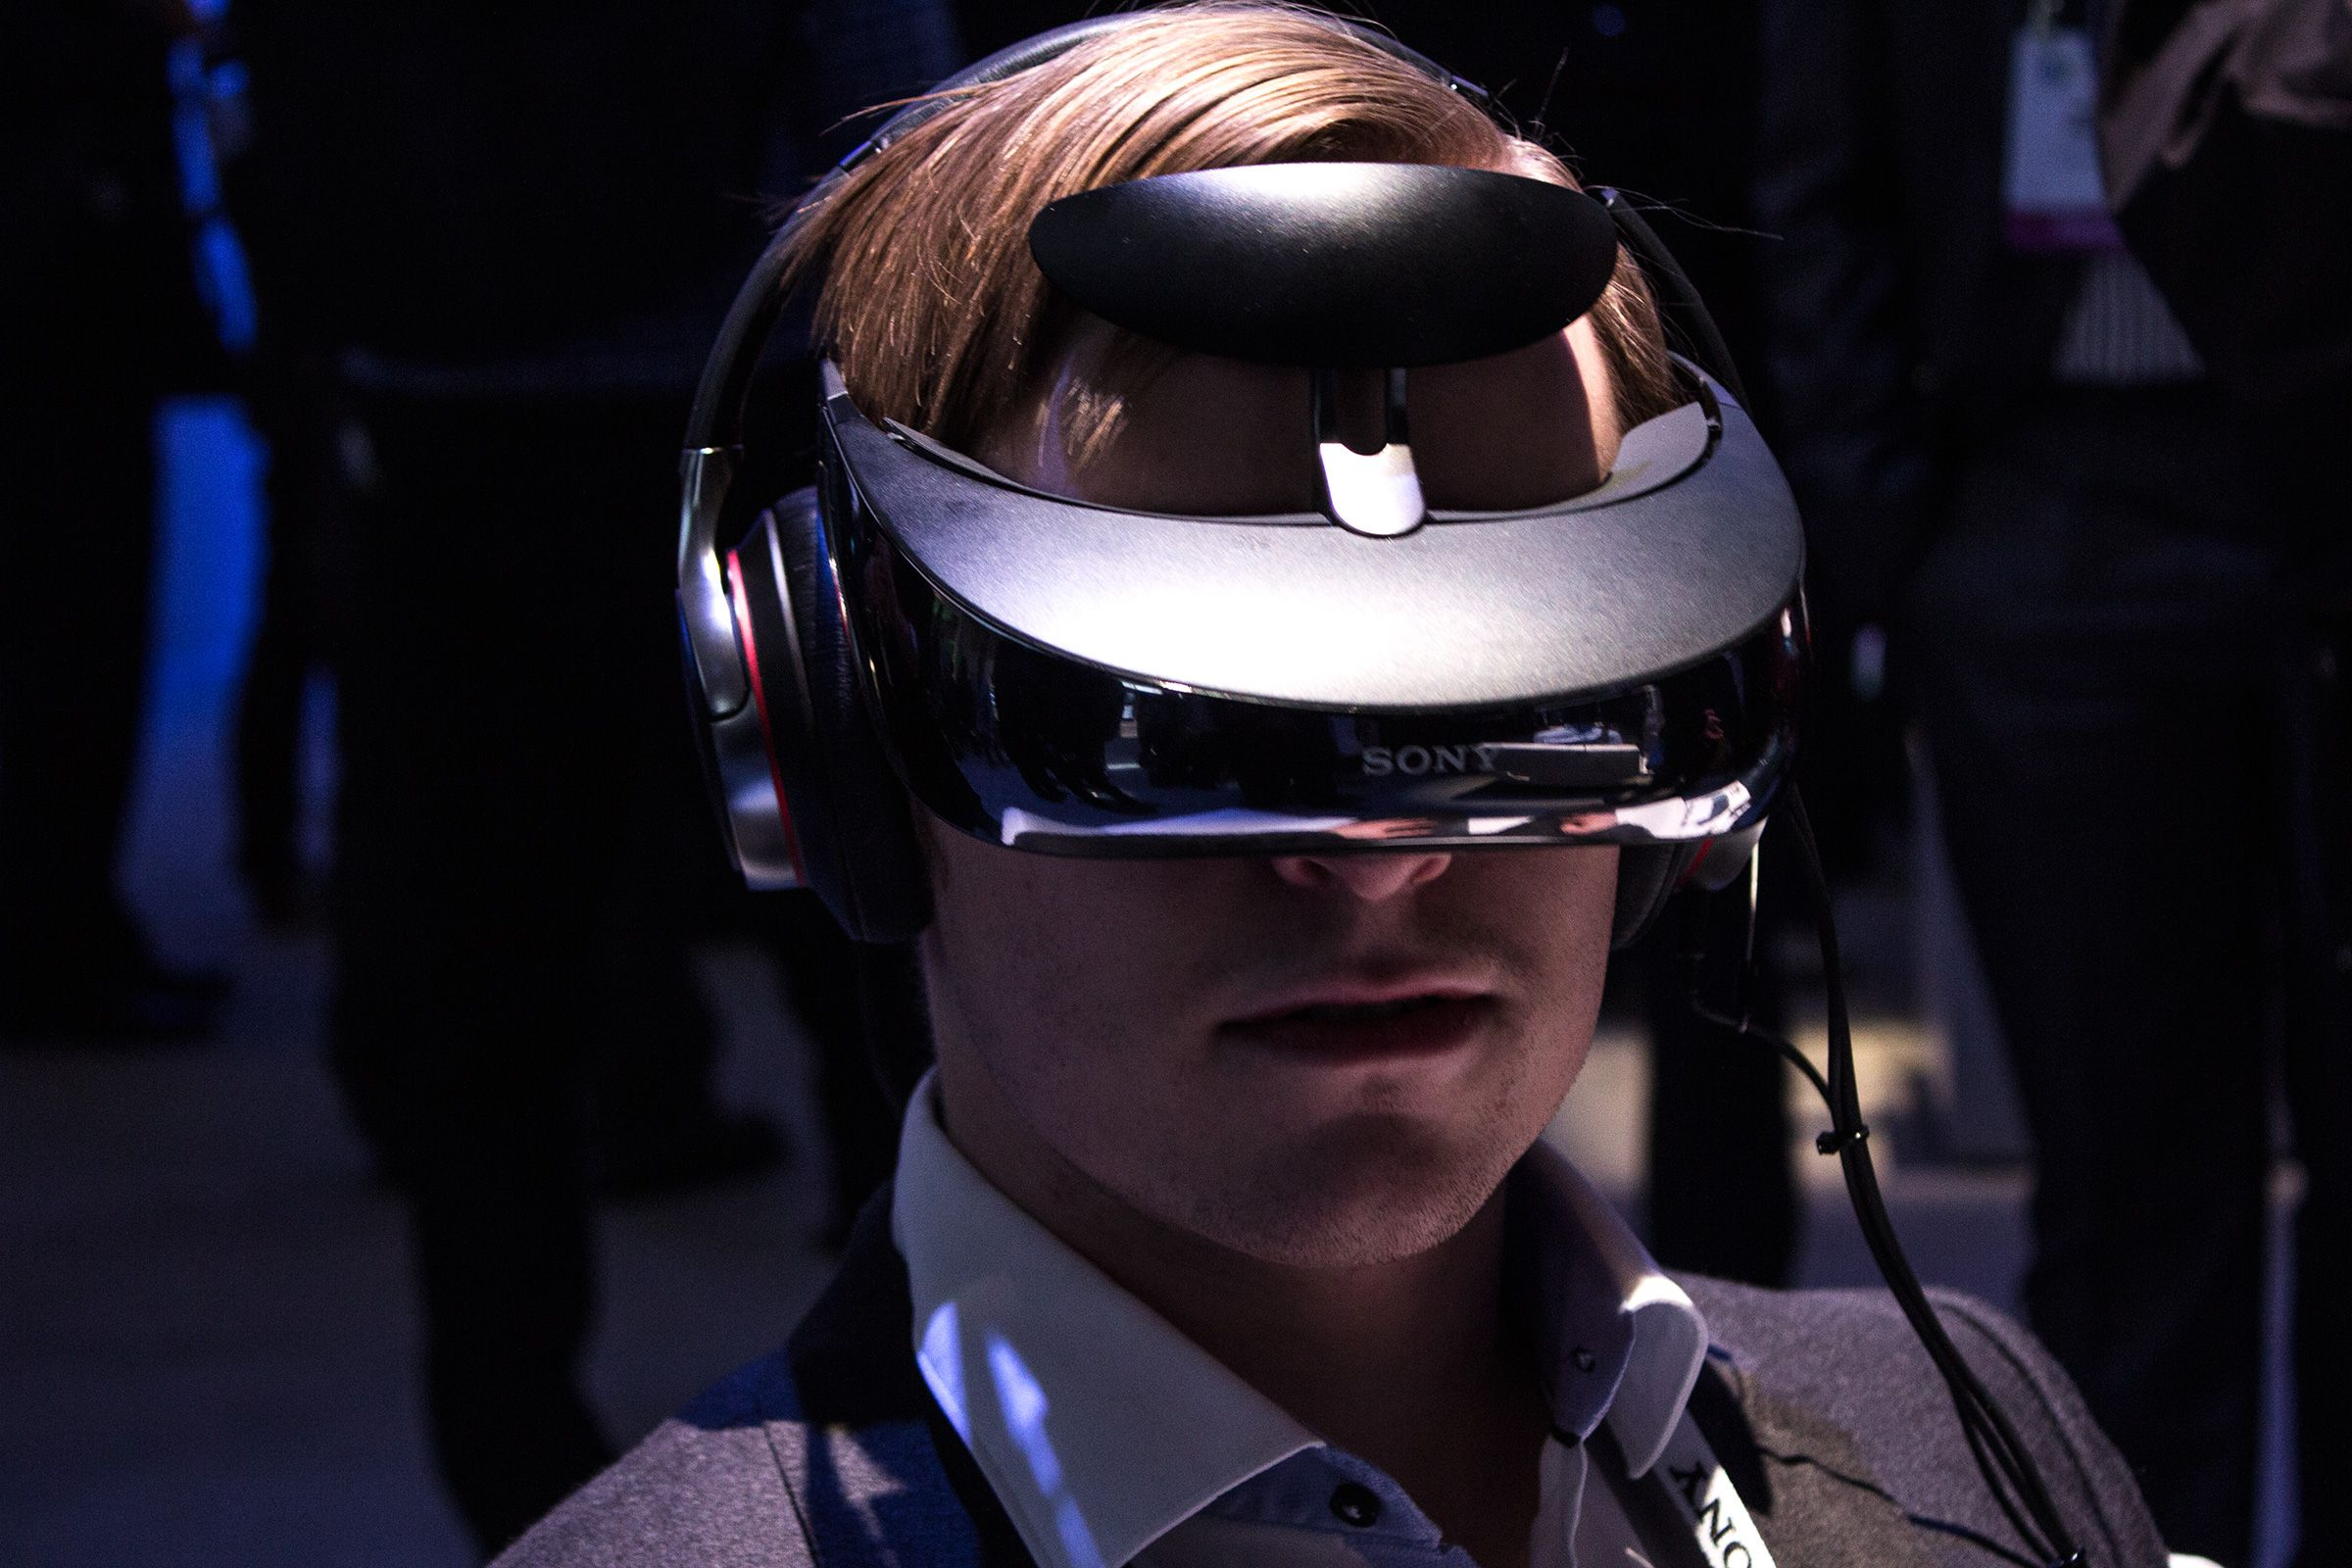 De nye VR-brillene er en videreutvikling av selskapets eksisterende 3D-briller, som vi fikk testet da vi besøkte CES i januar.Foto: Hardware.no